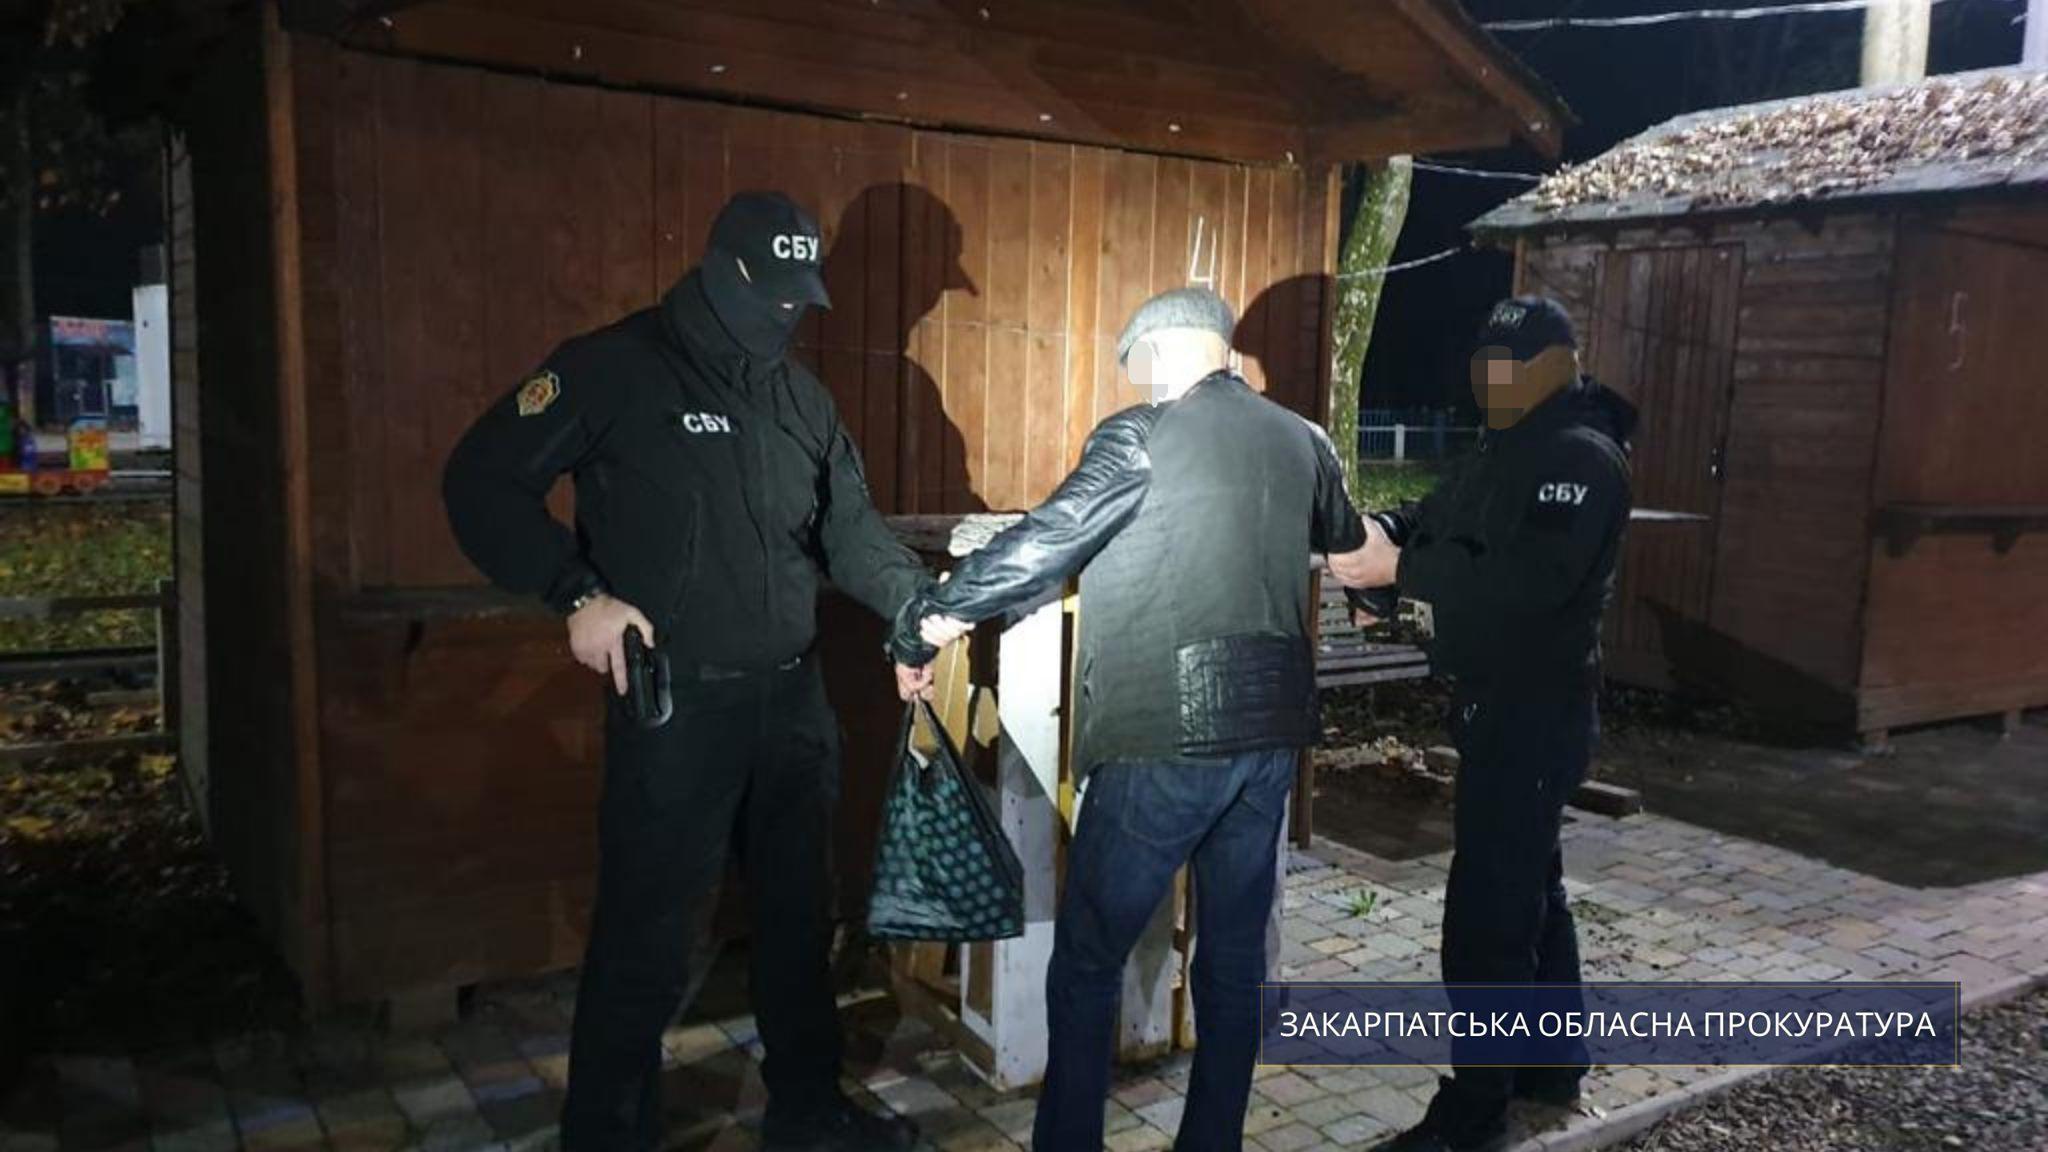 Правоохоронці викрили схему підкупу виборців на користь одного з претендентів на посаду міського голови Ужгорода.